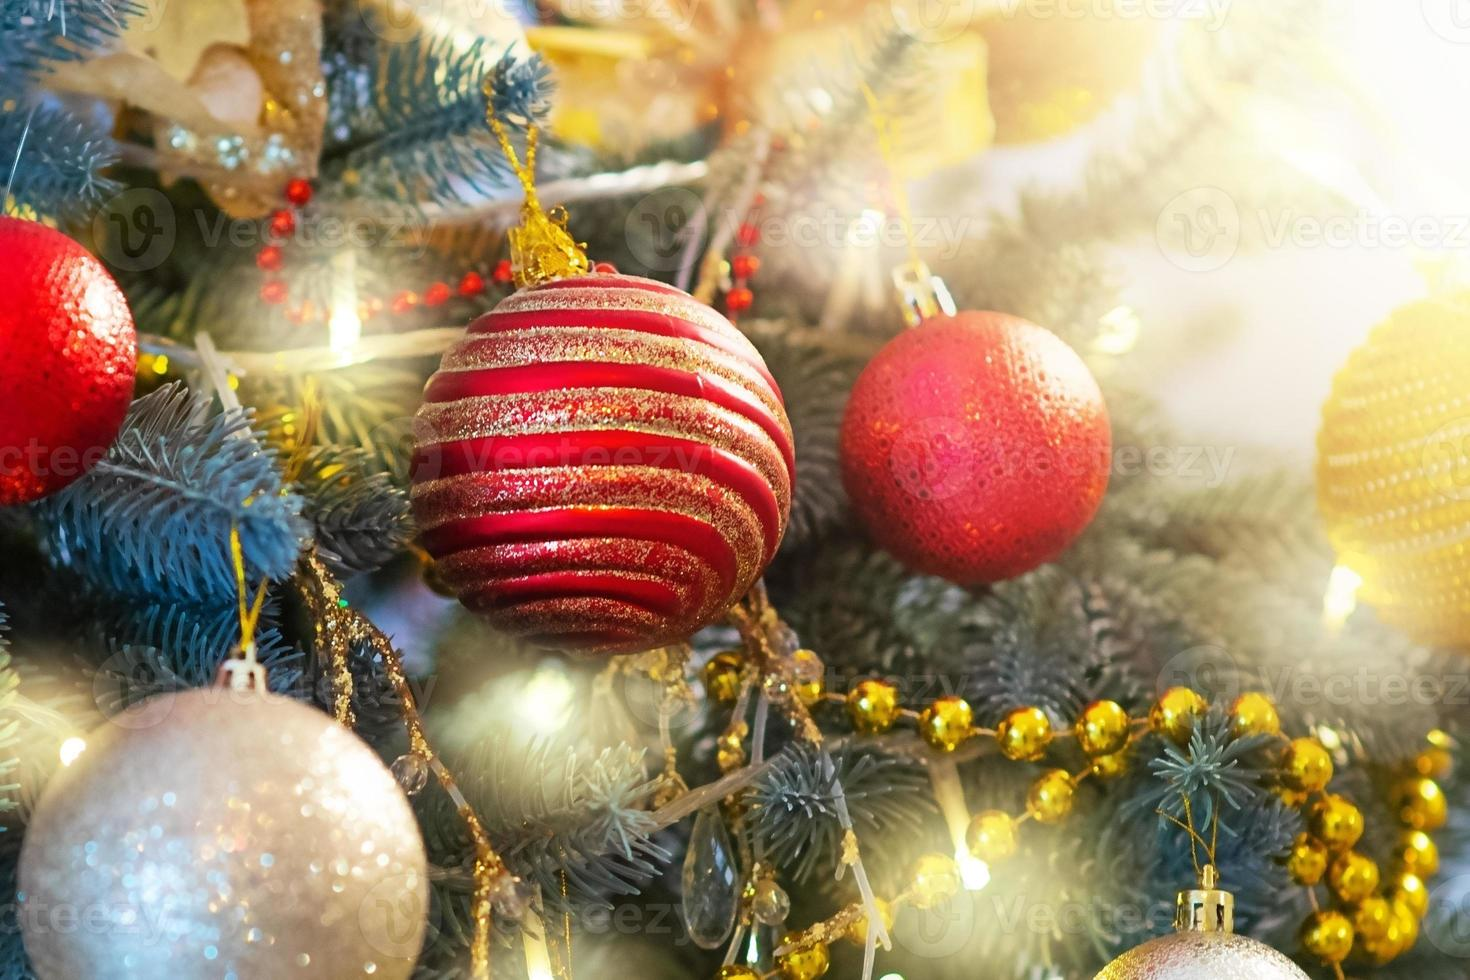 concepto de año nuevo y navidad. fondo del árbol de navidad. foto